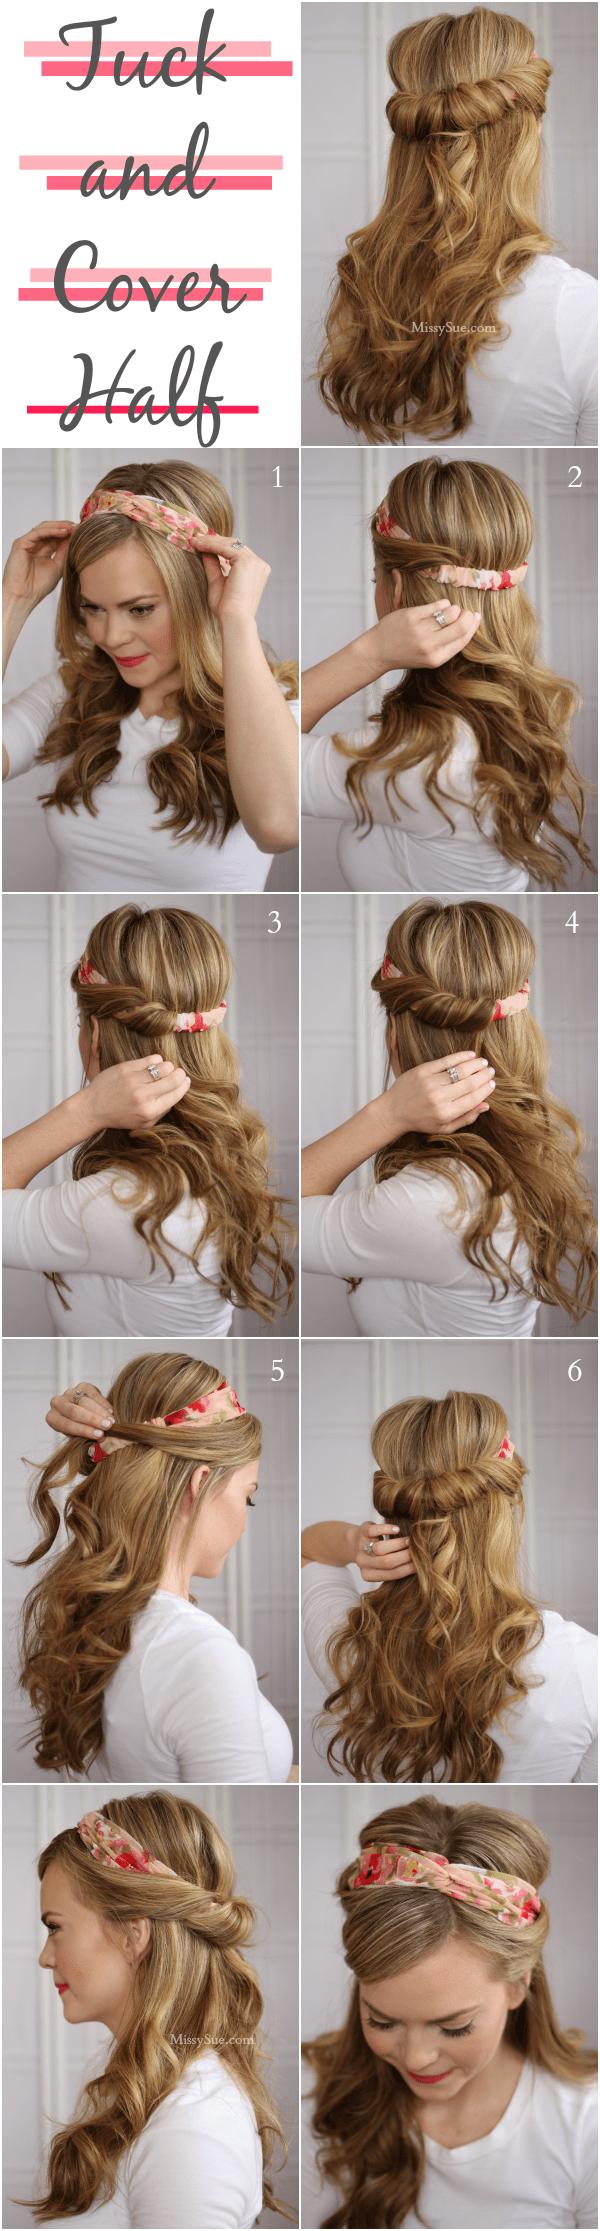 Top 10 faule Mädchen Frisur Tipps, dass Sie es für weniger als